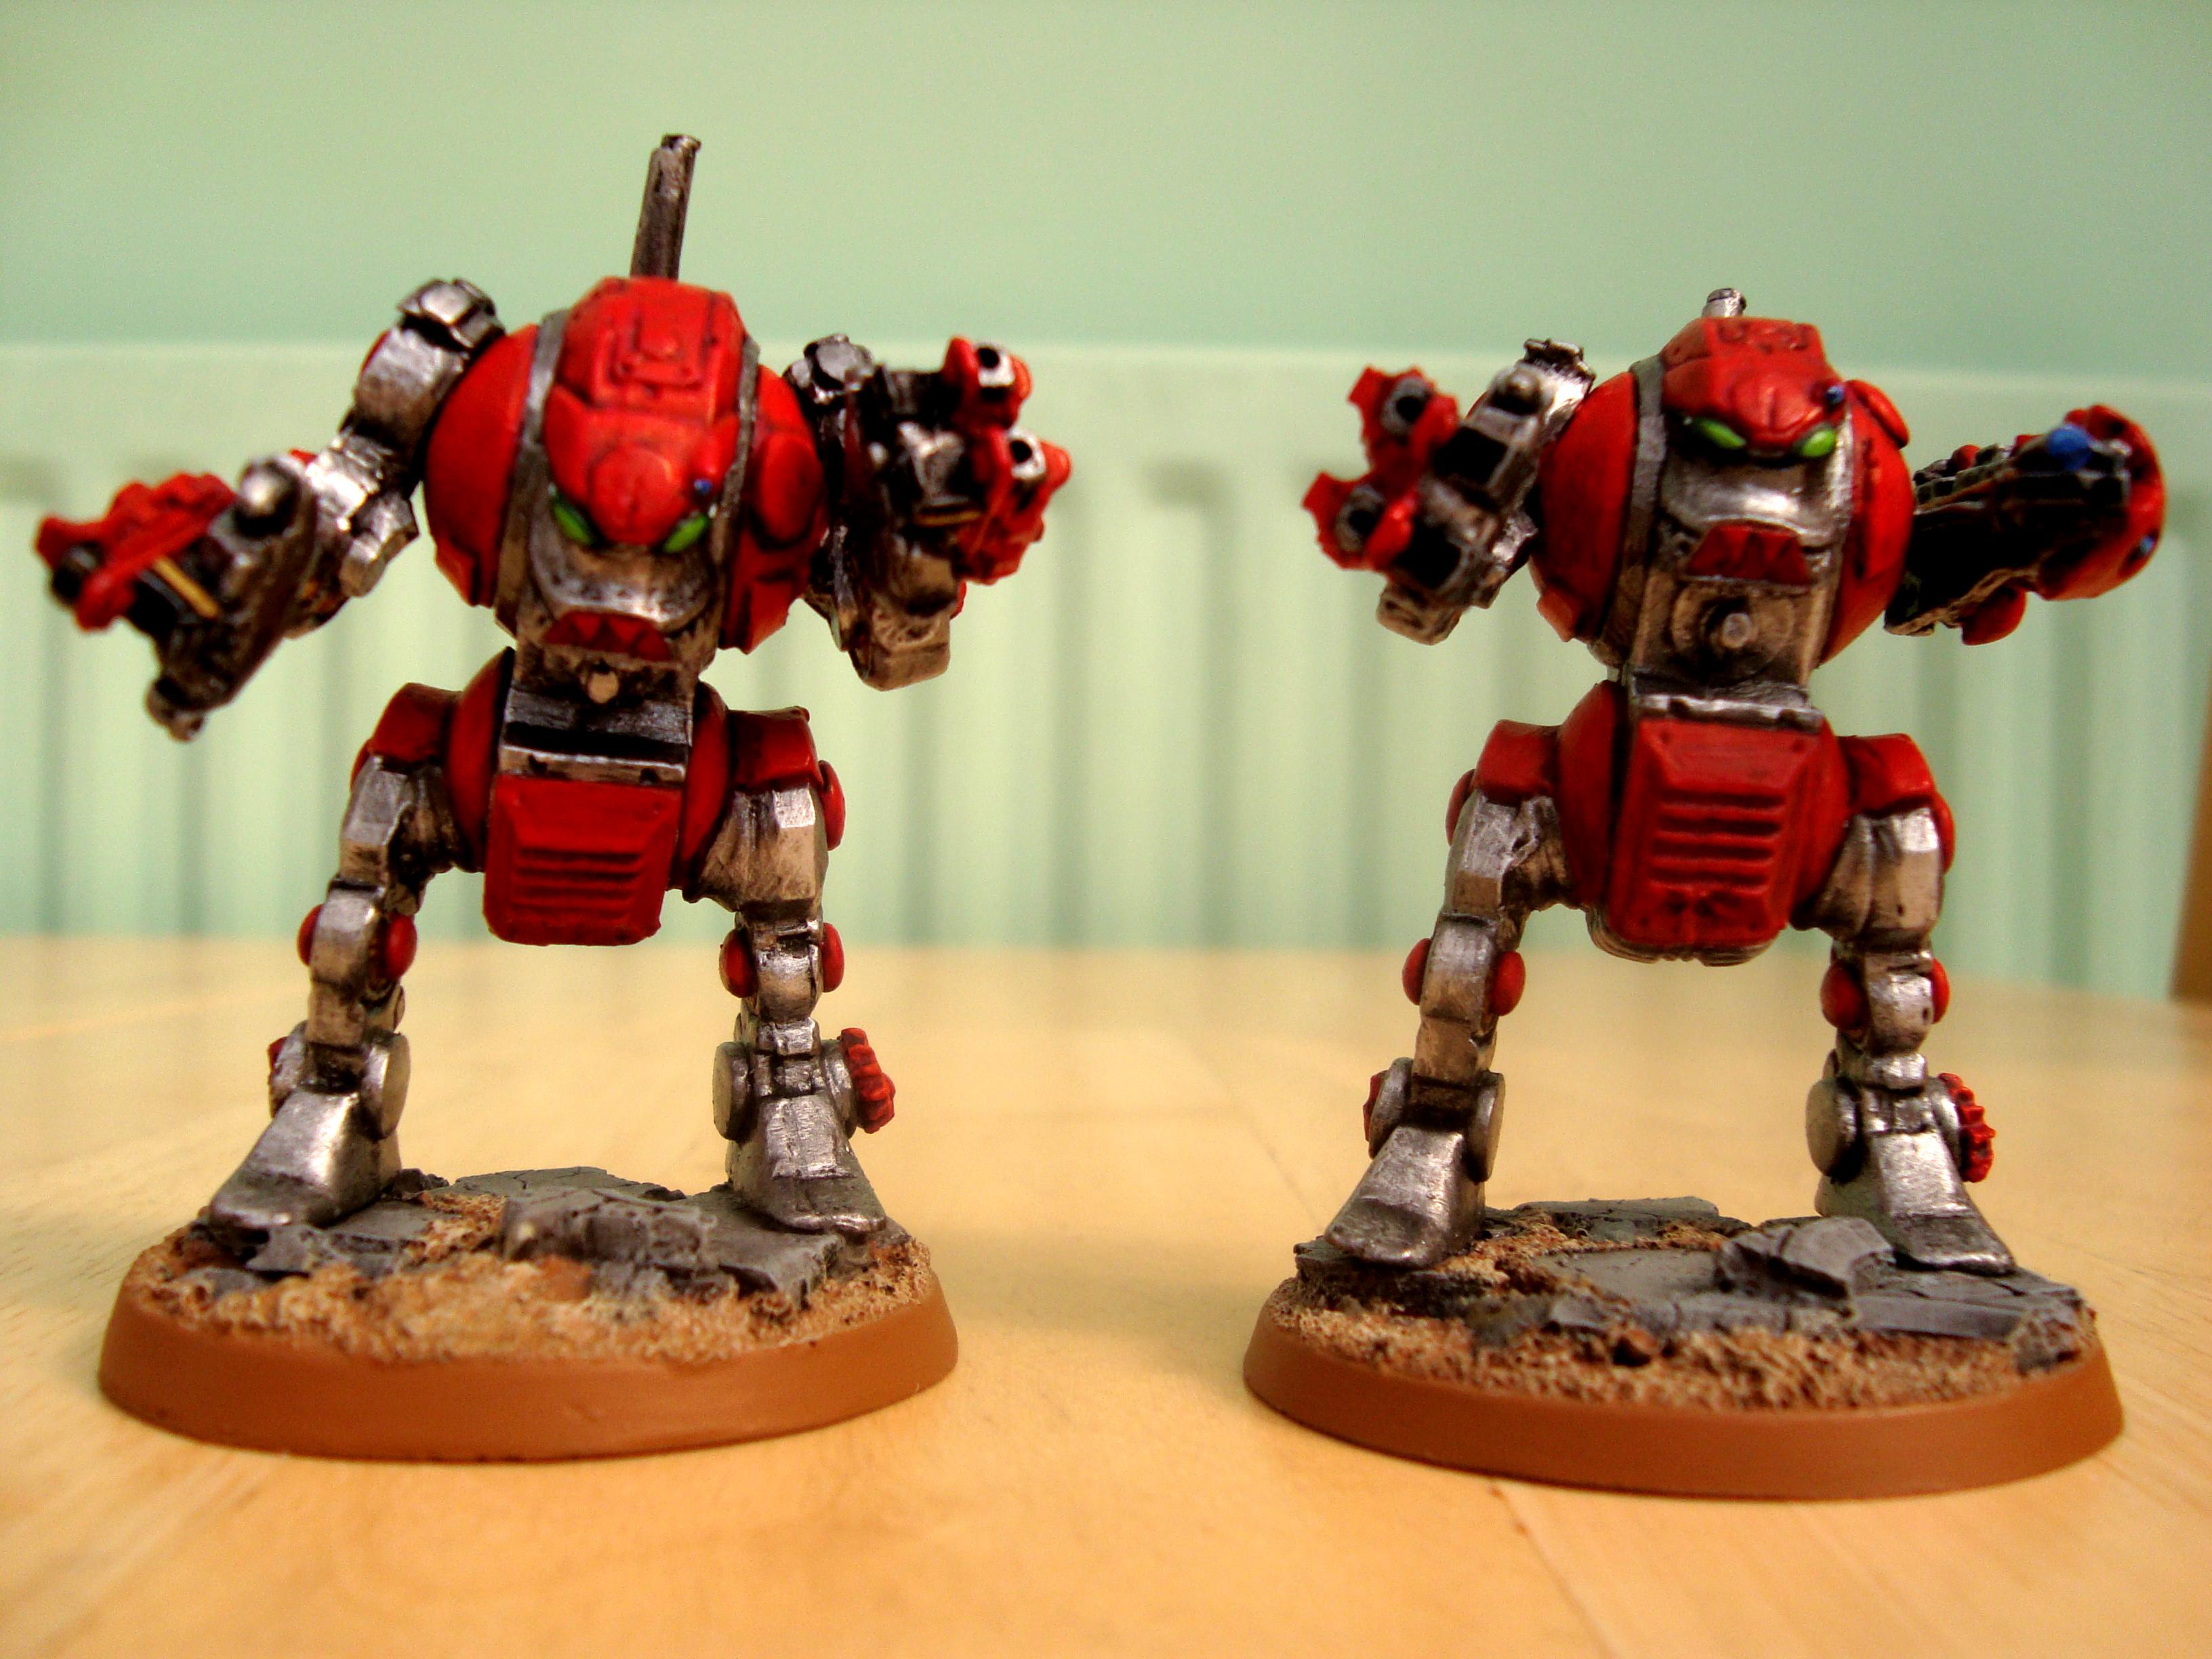 Dreadnought, Rogue Trader, Stark Crusaders